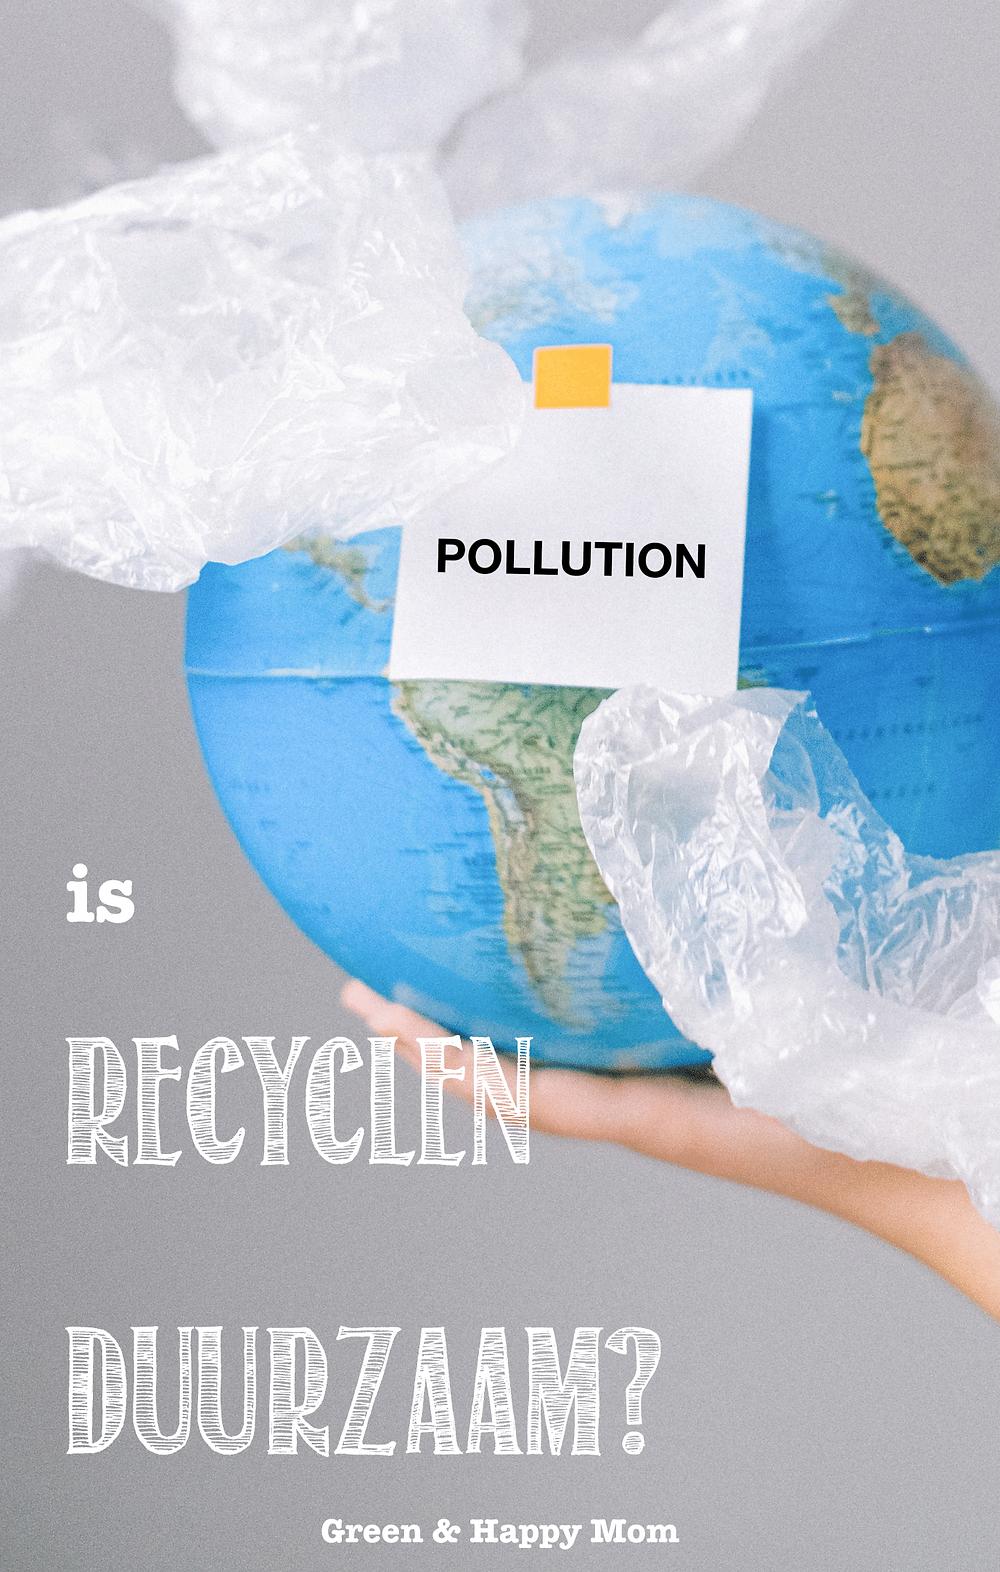 recyclen duurzaam